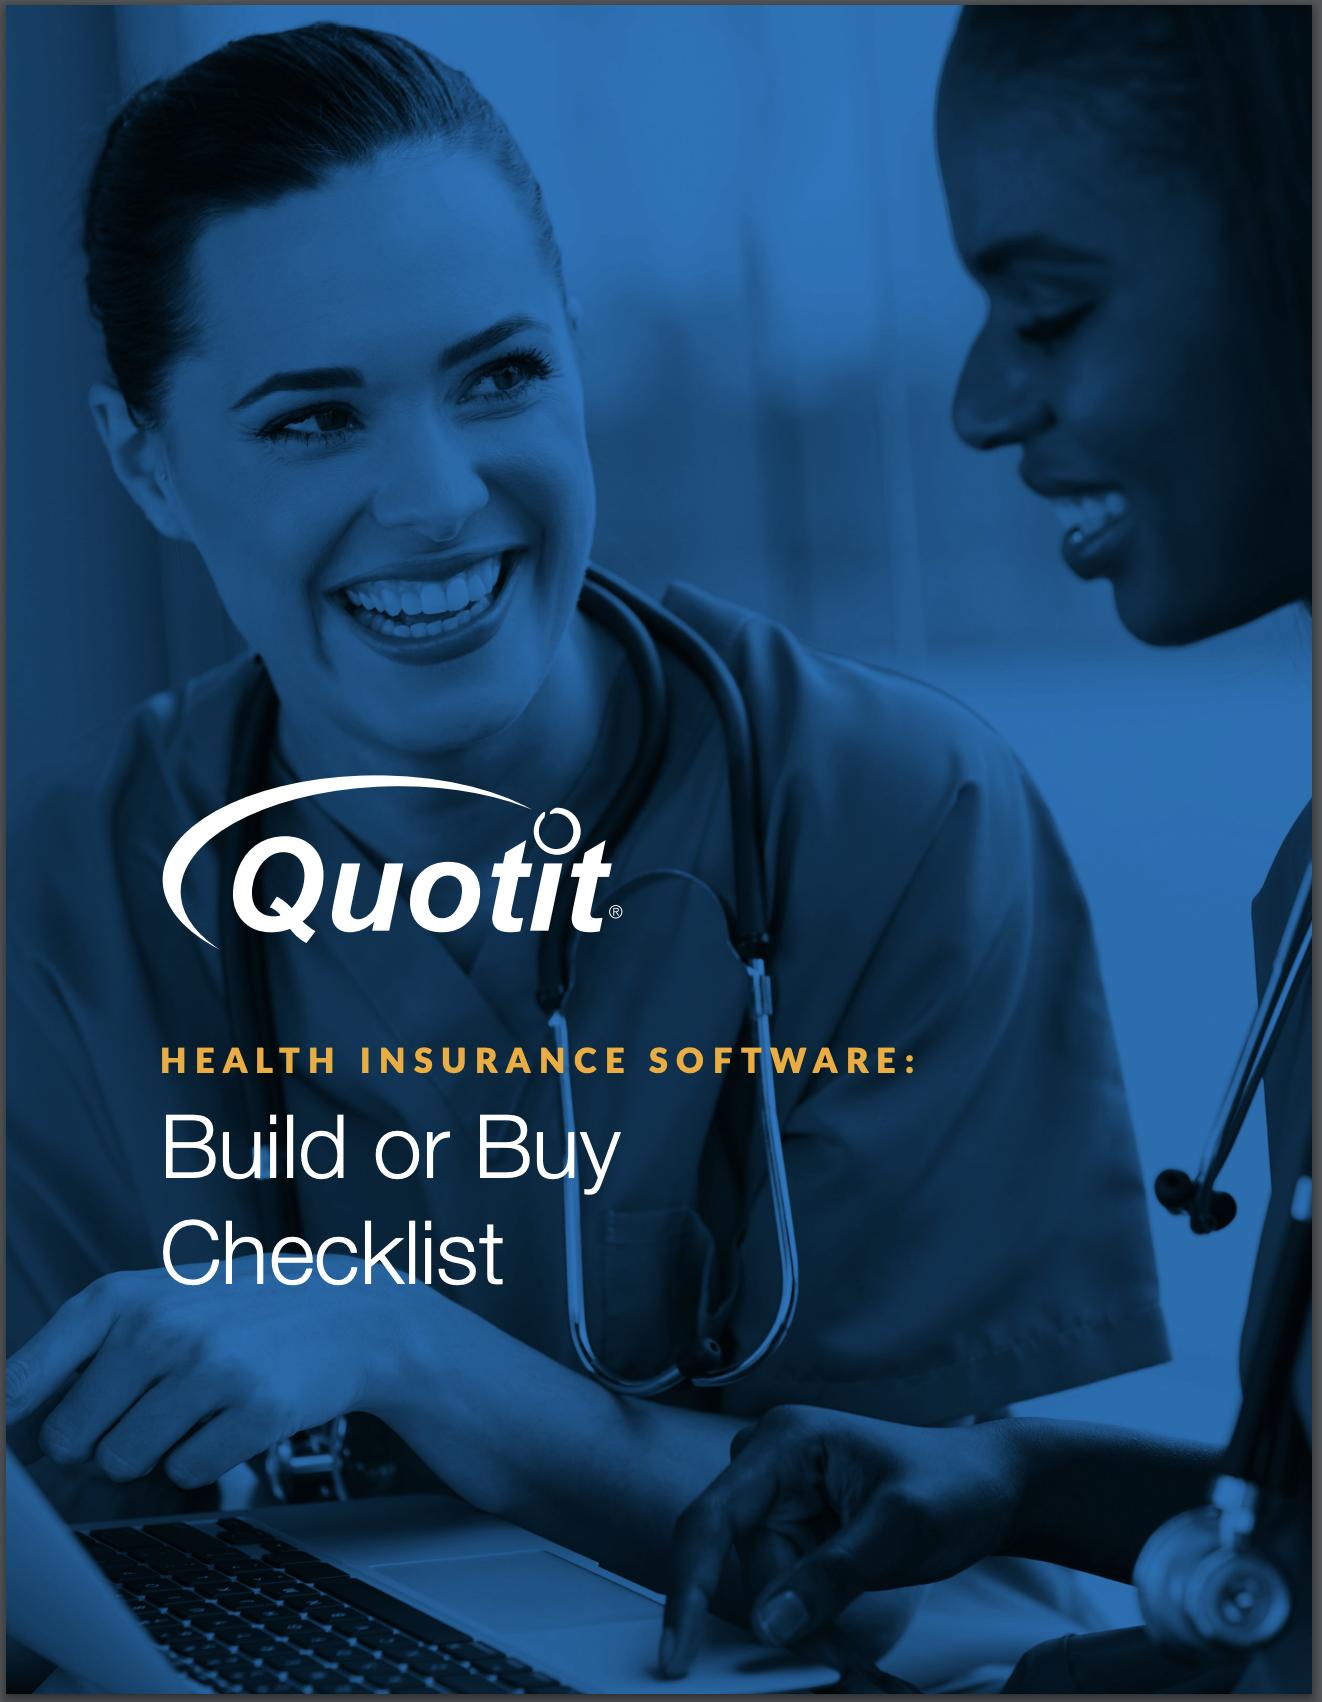 Build or Buy Checklist | Quotit